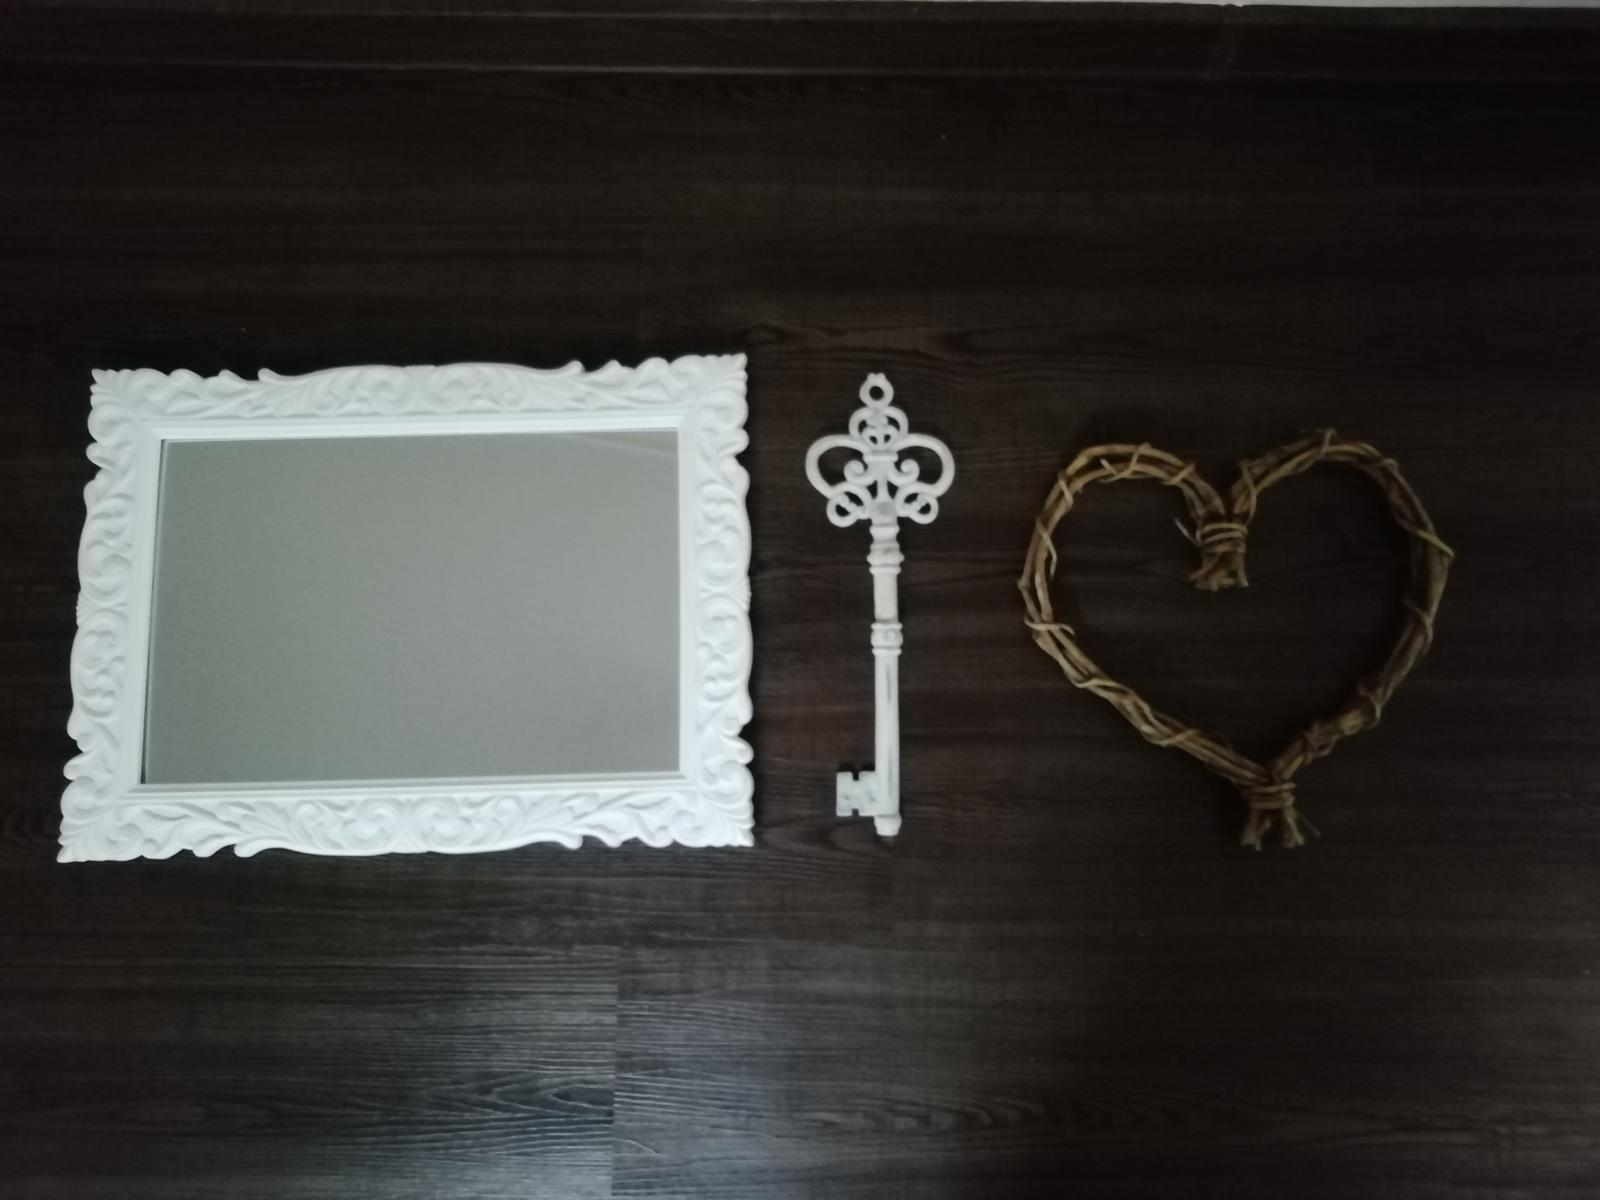 Zrcadlo, klíč, srdce - Obrázek č. 1